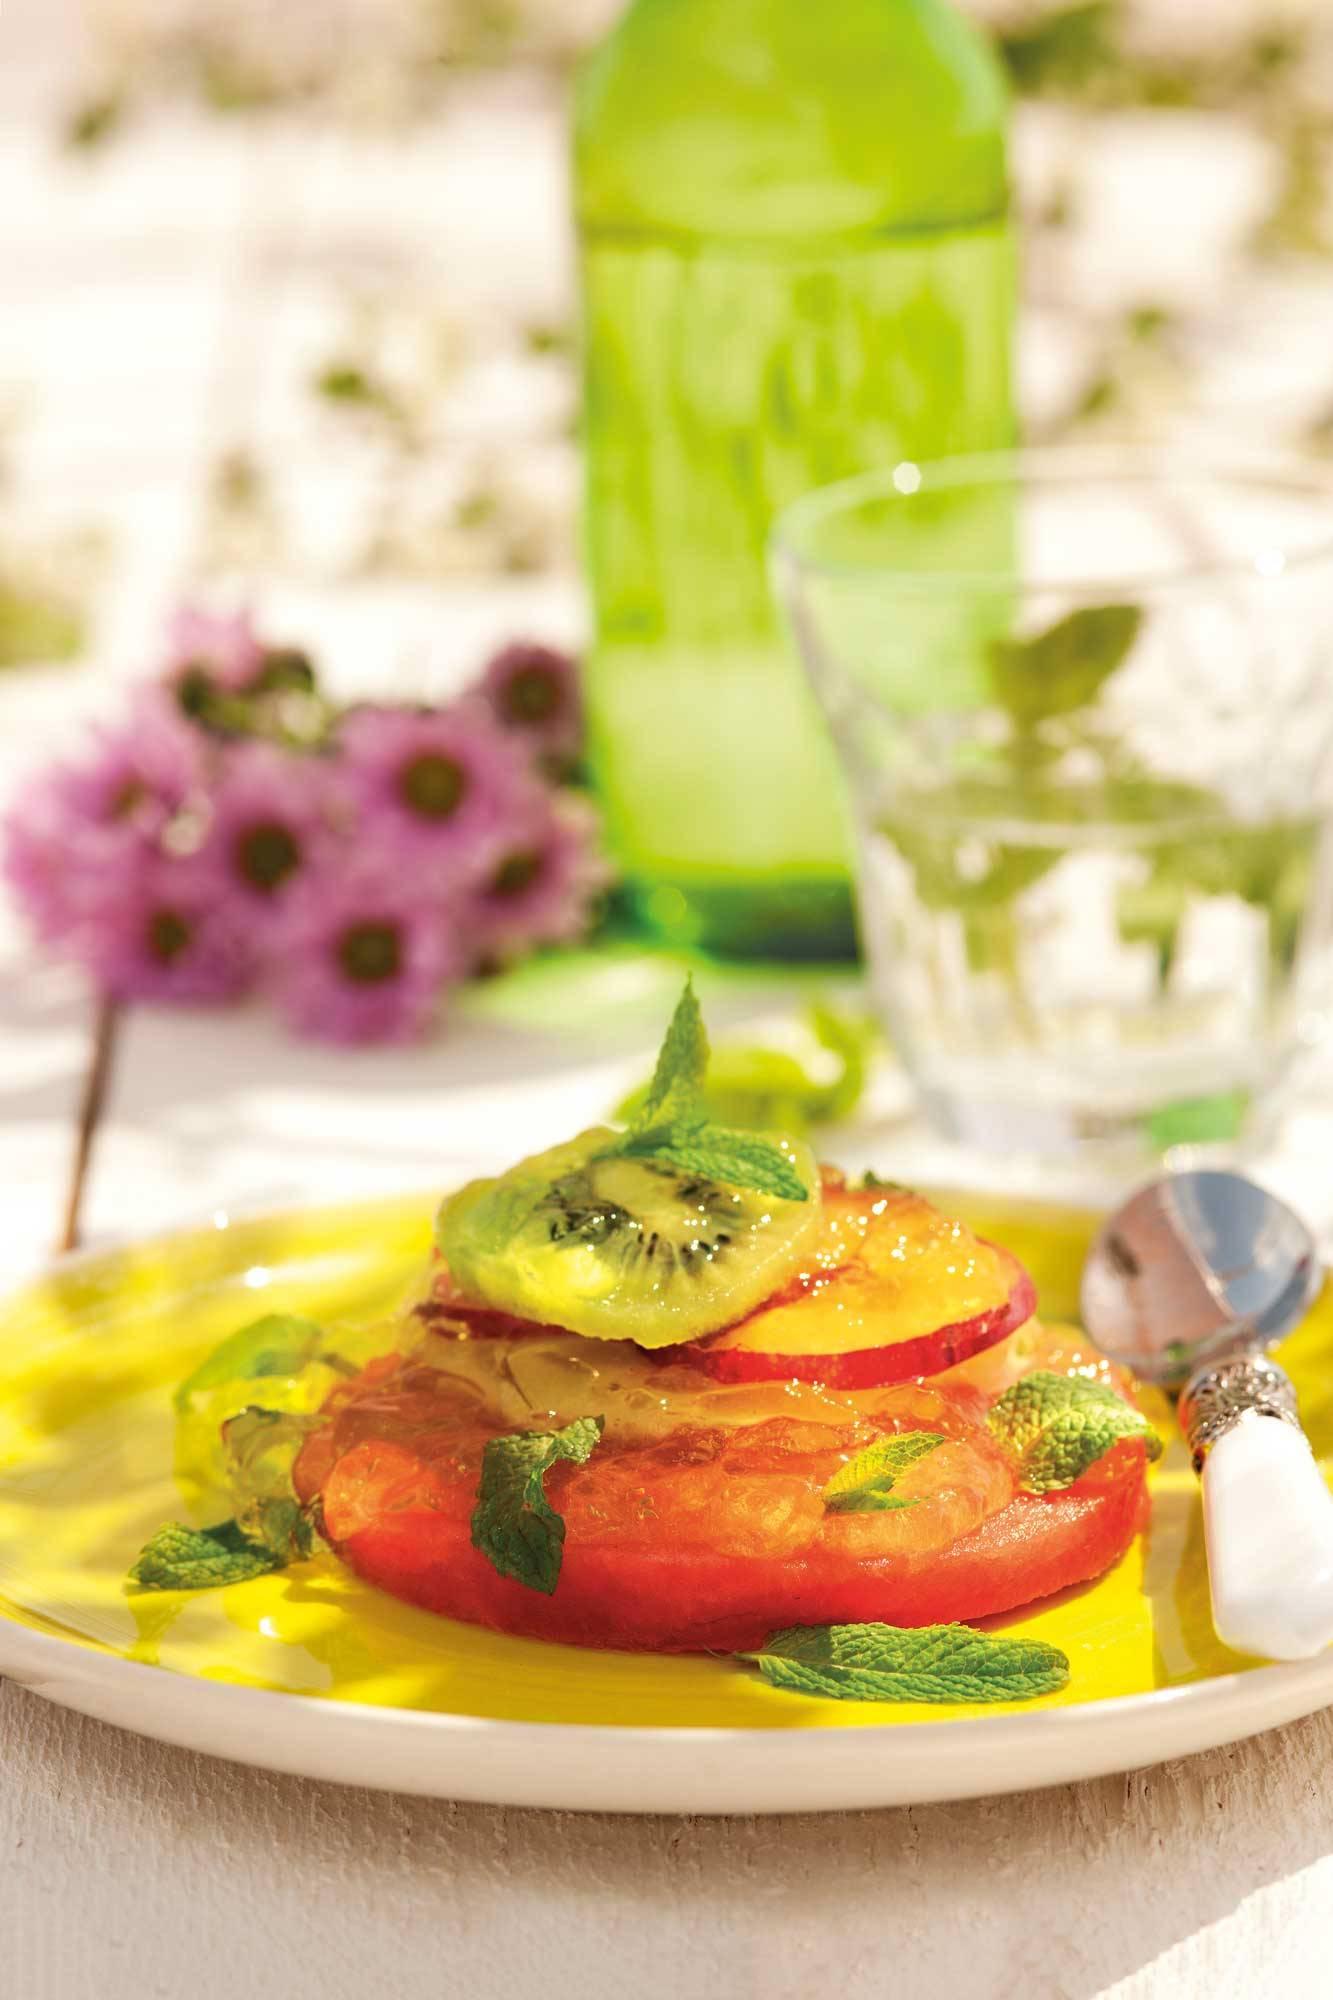 recipes-improve-health-strudel-fruit 00383986